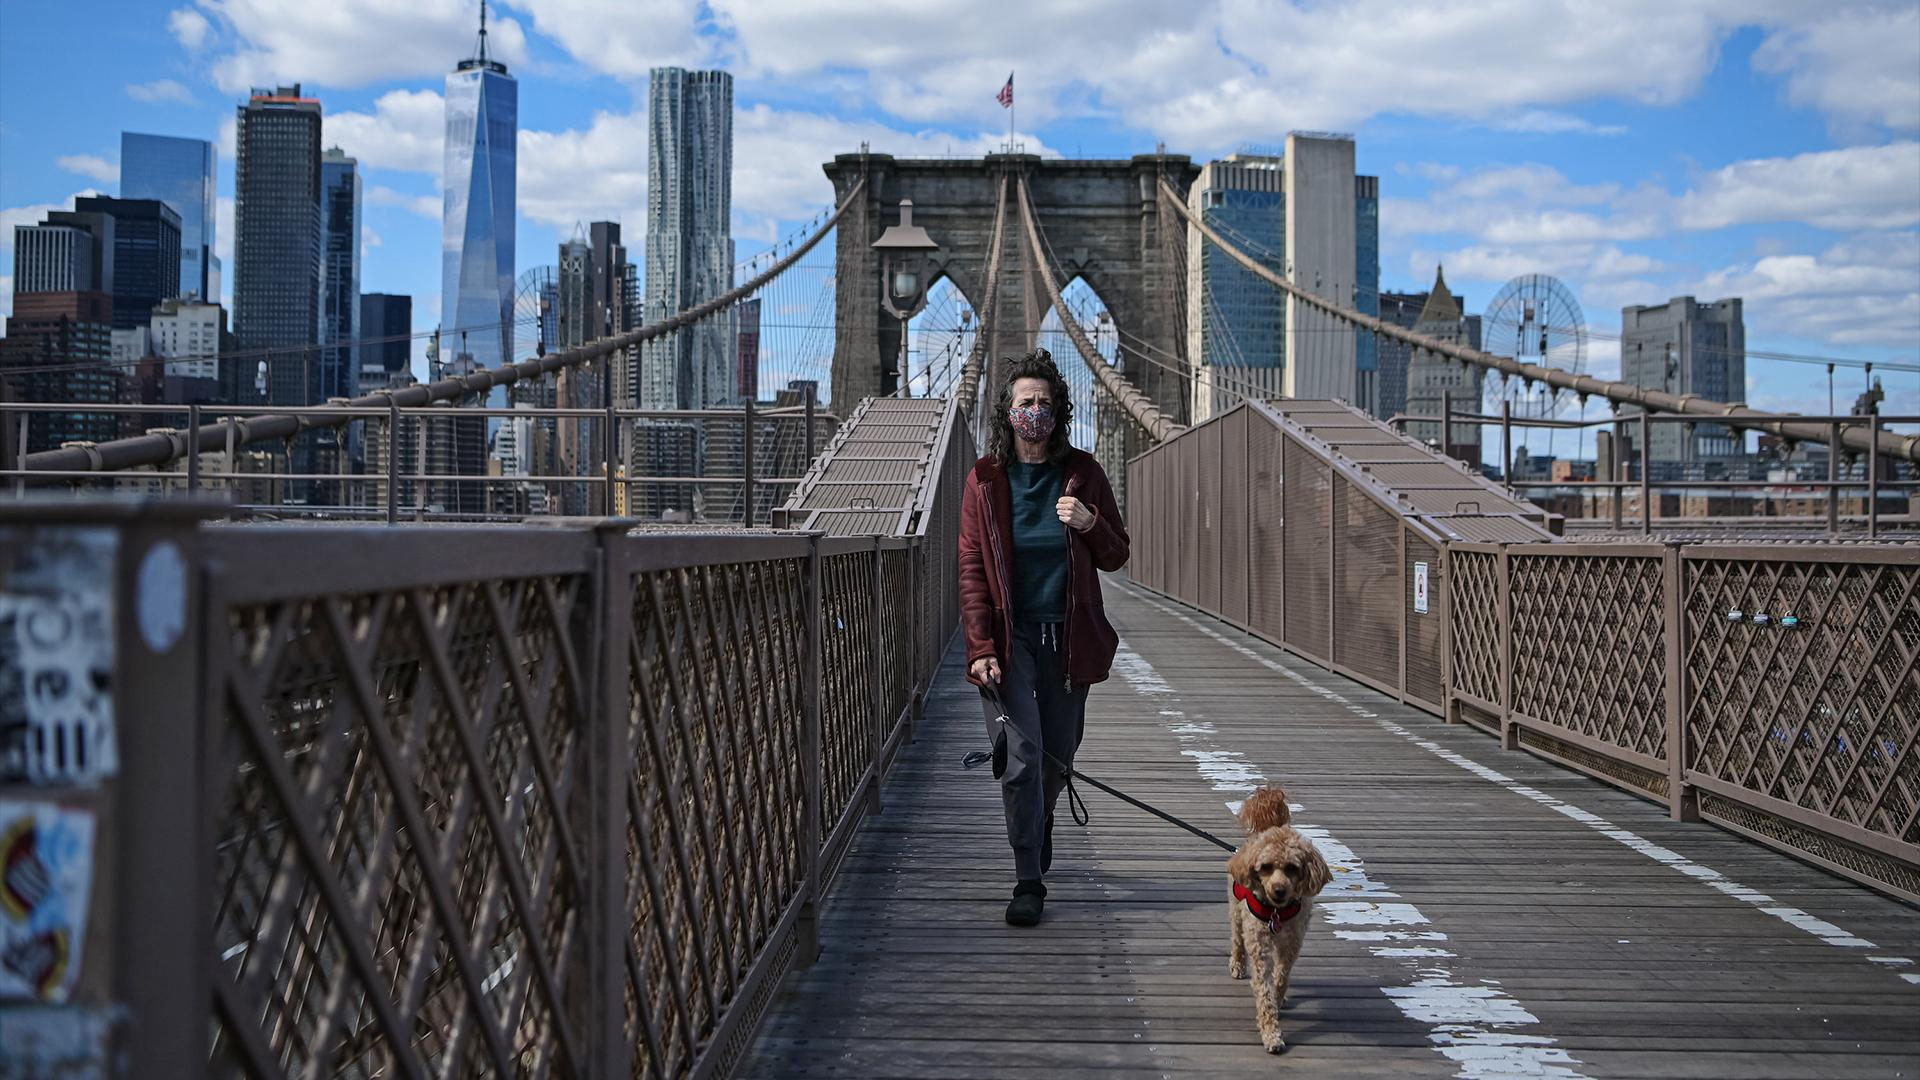 Eine Frau trägt eine Maske, während sie mit ihrem Hund über die Brooklyn Bridge geht